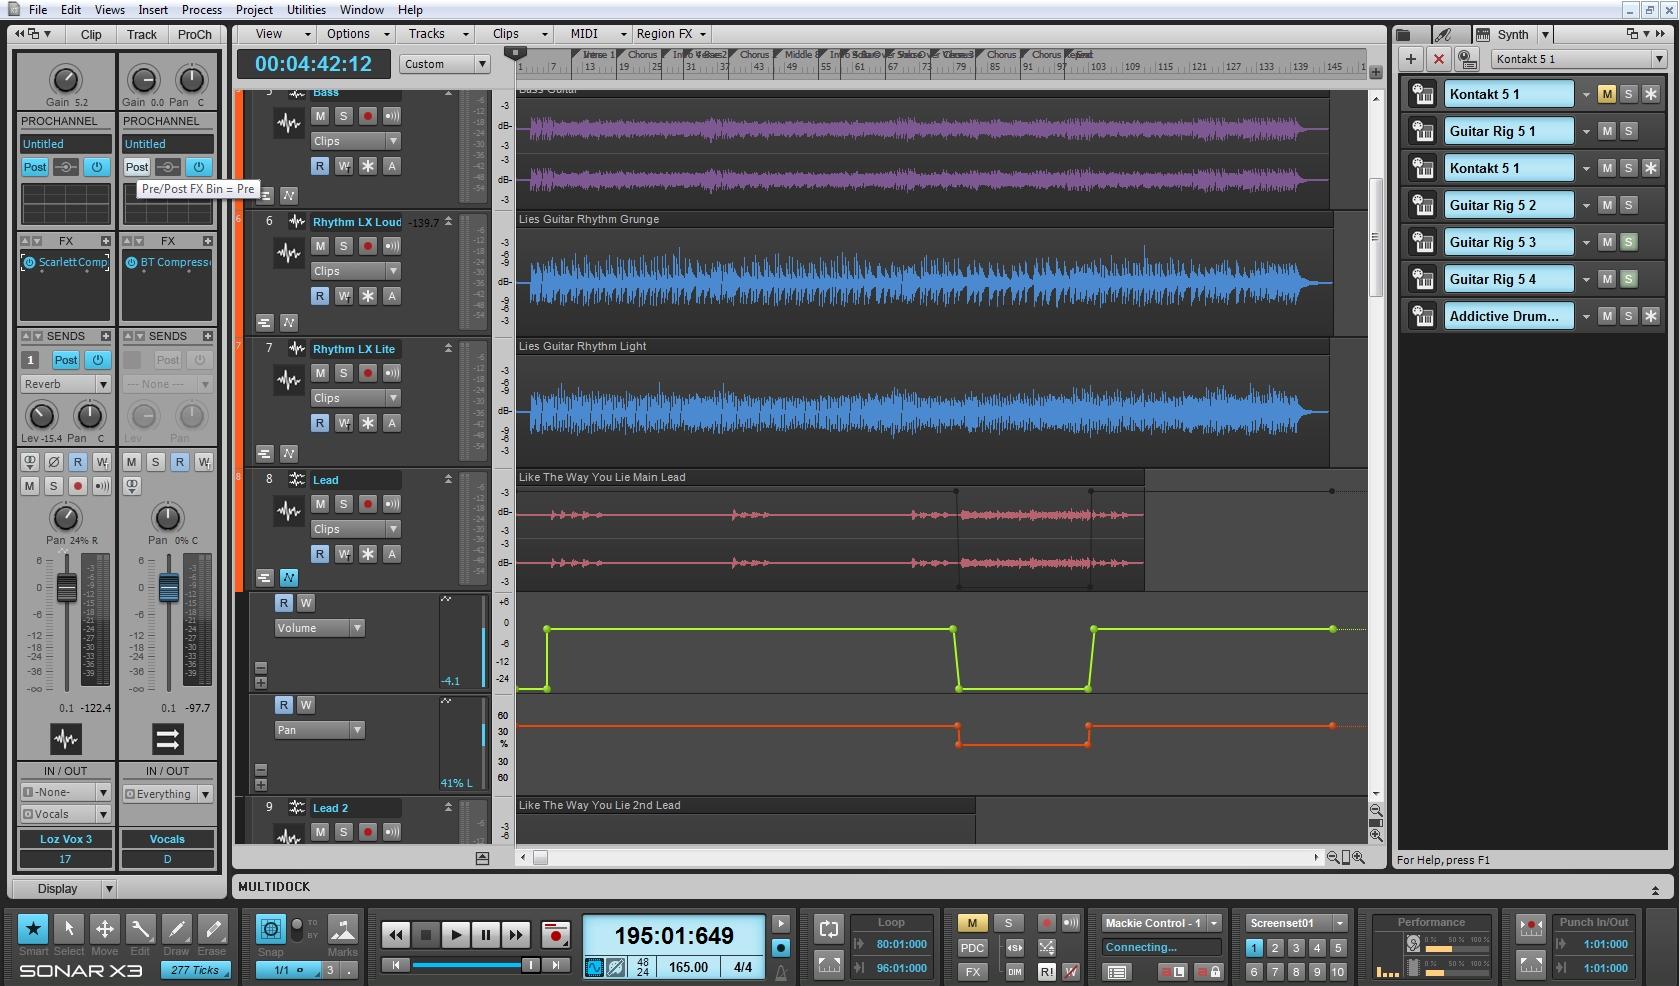 Sonar X3 Full Screen GUI